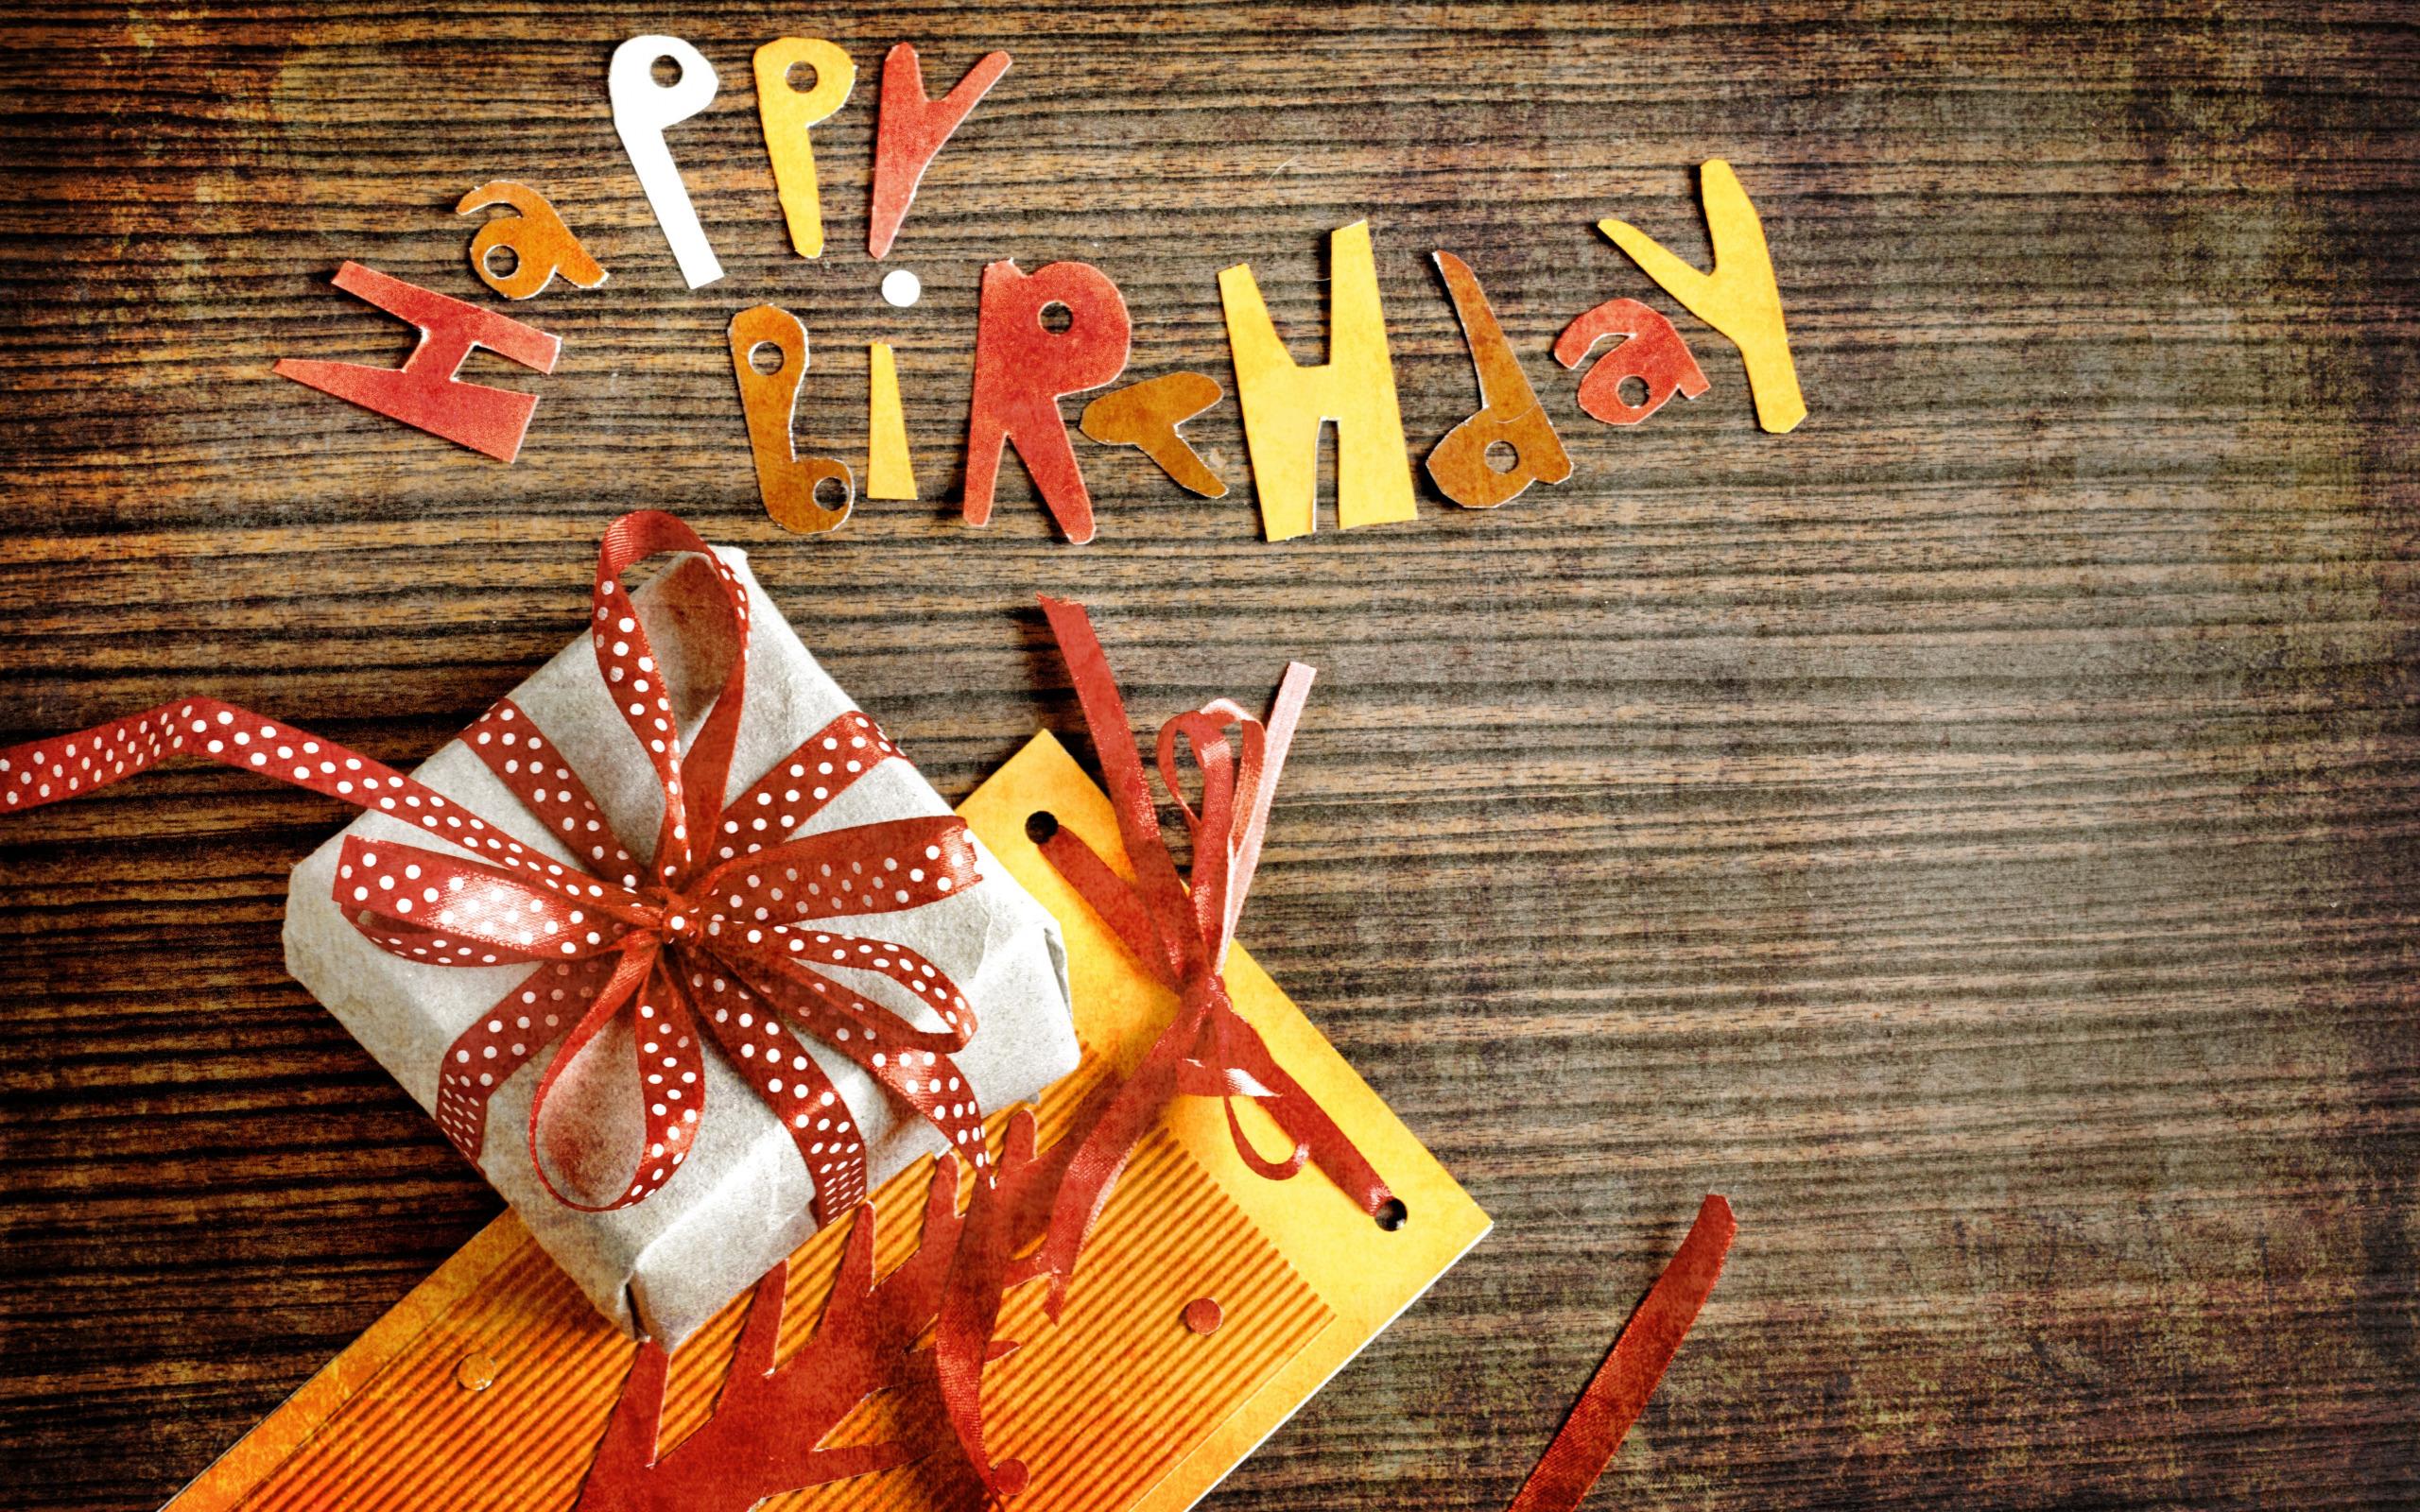 Открытки с надписями с днем рождения коллеге мужчине